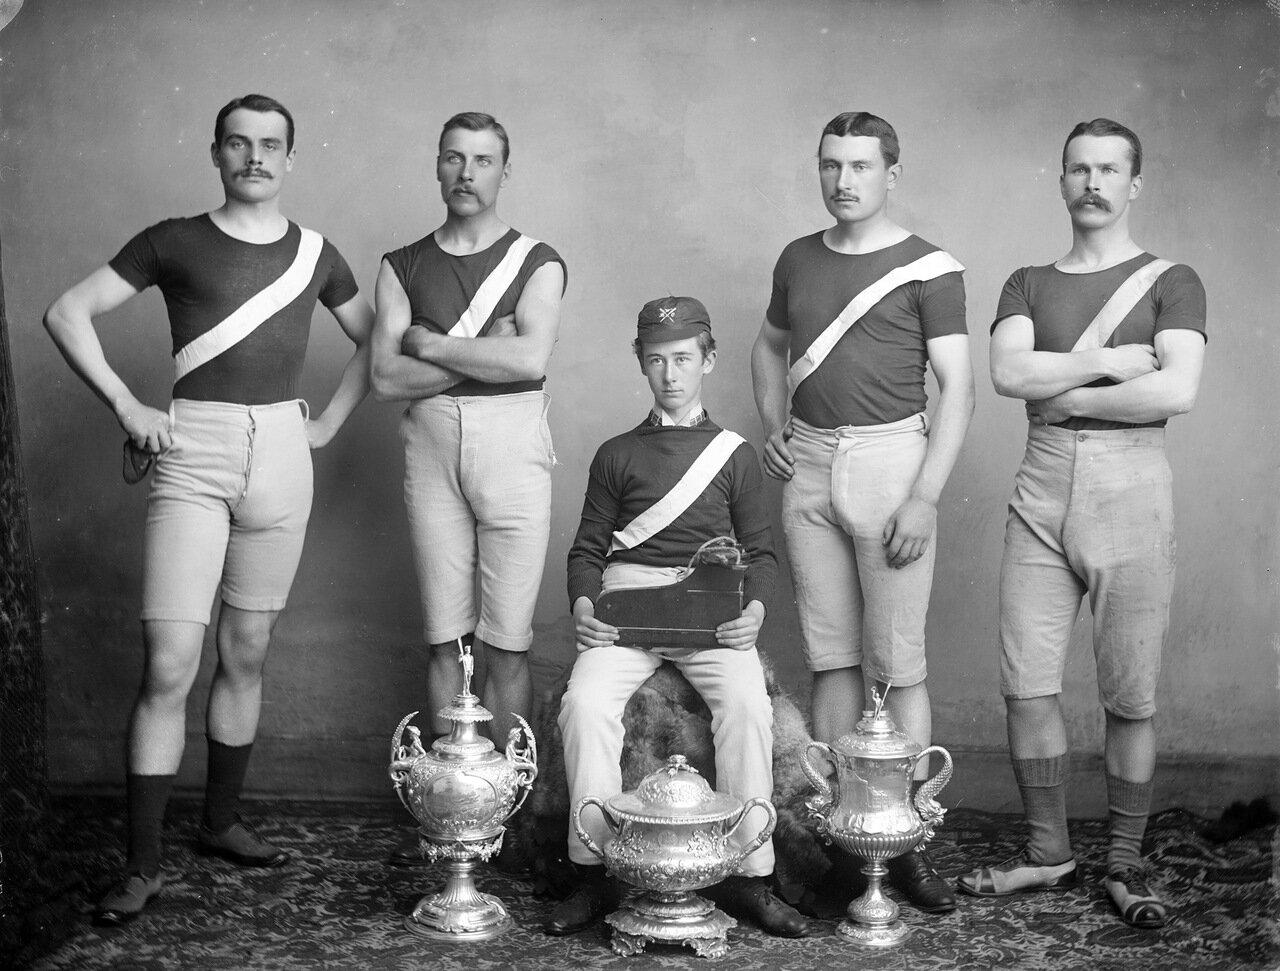 Победа гребцов в лодочном клубе Уотерфорд 1887.